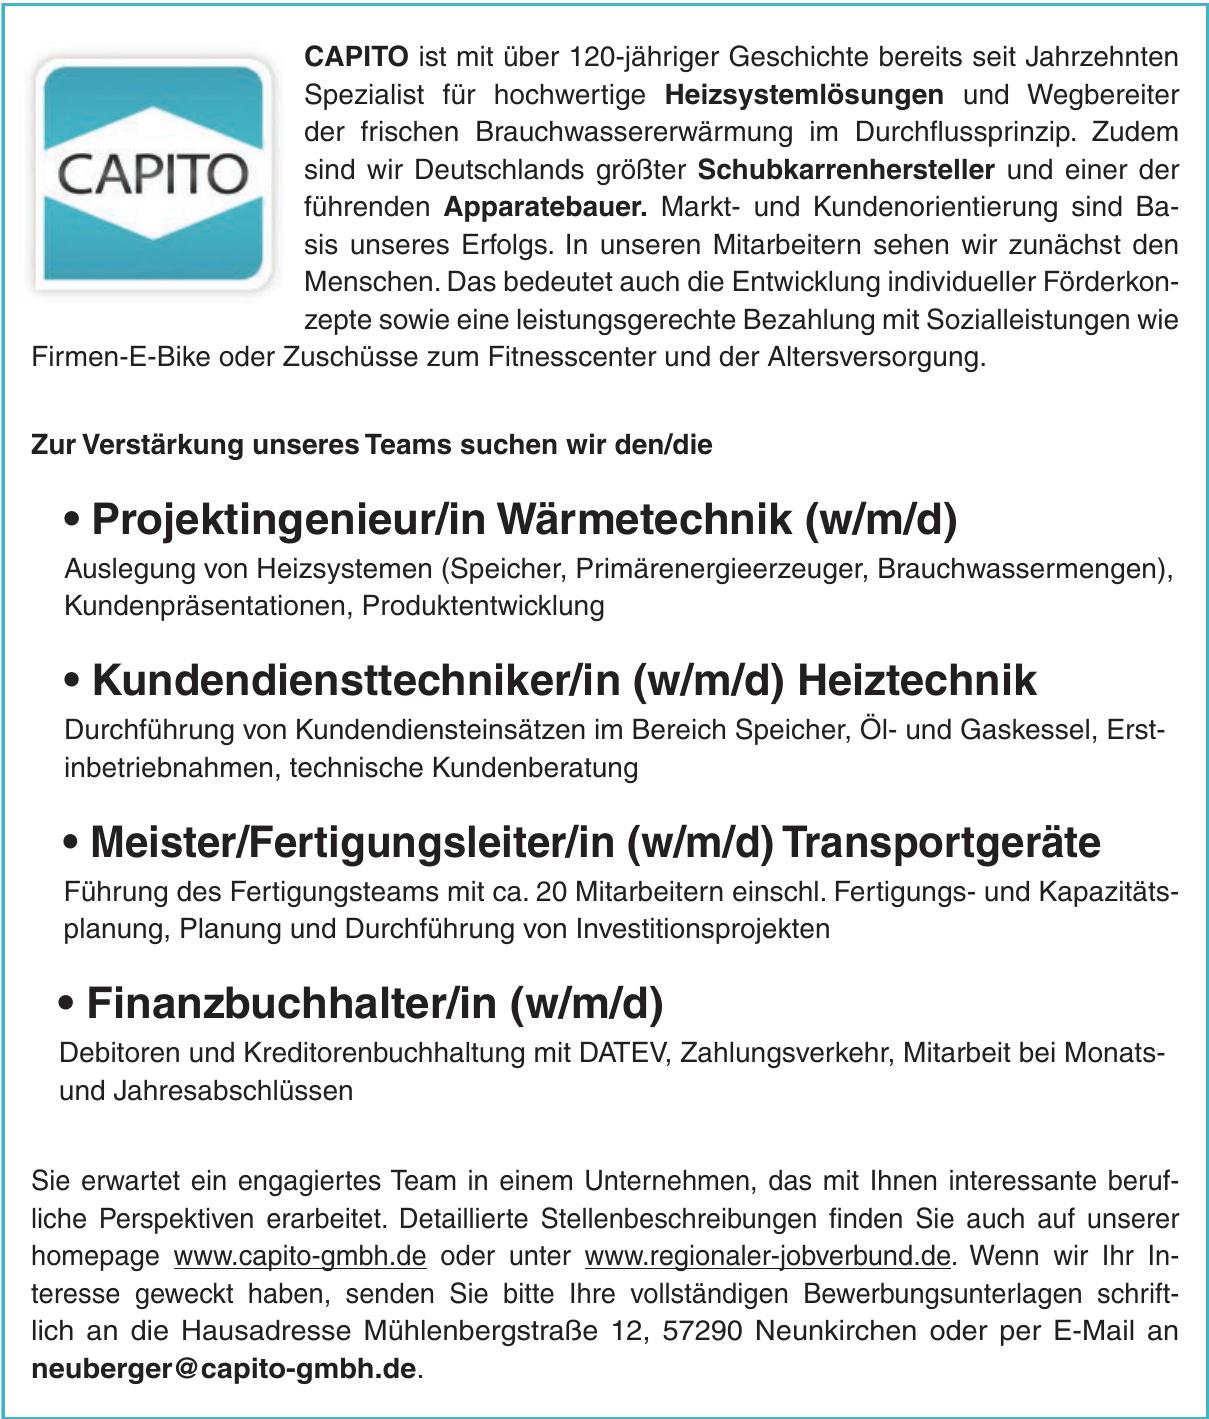 Capito GmbH